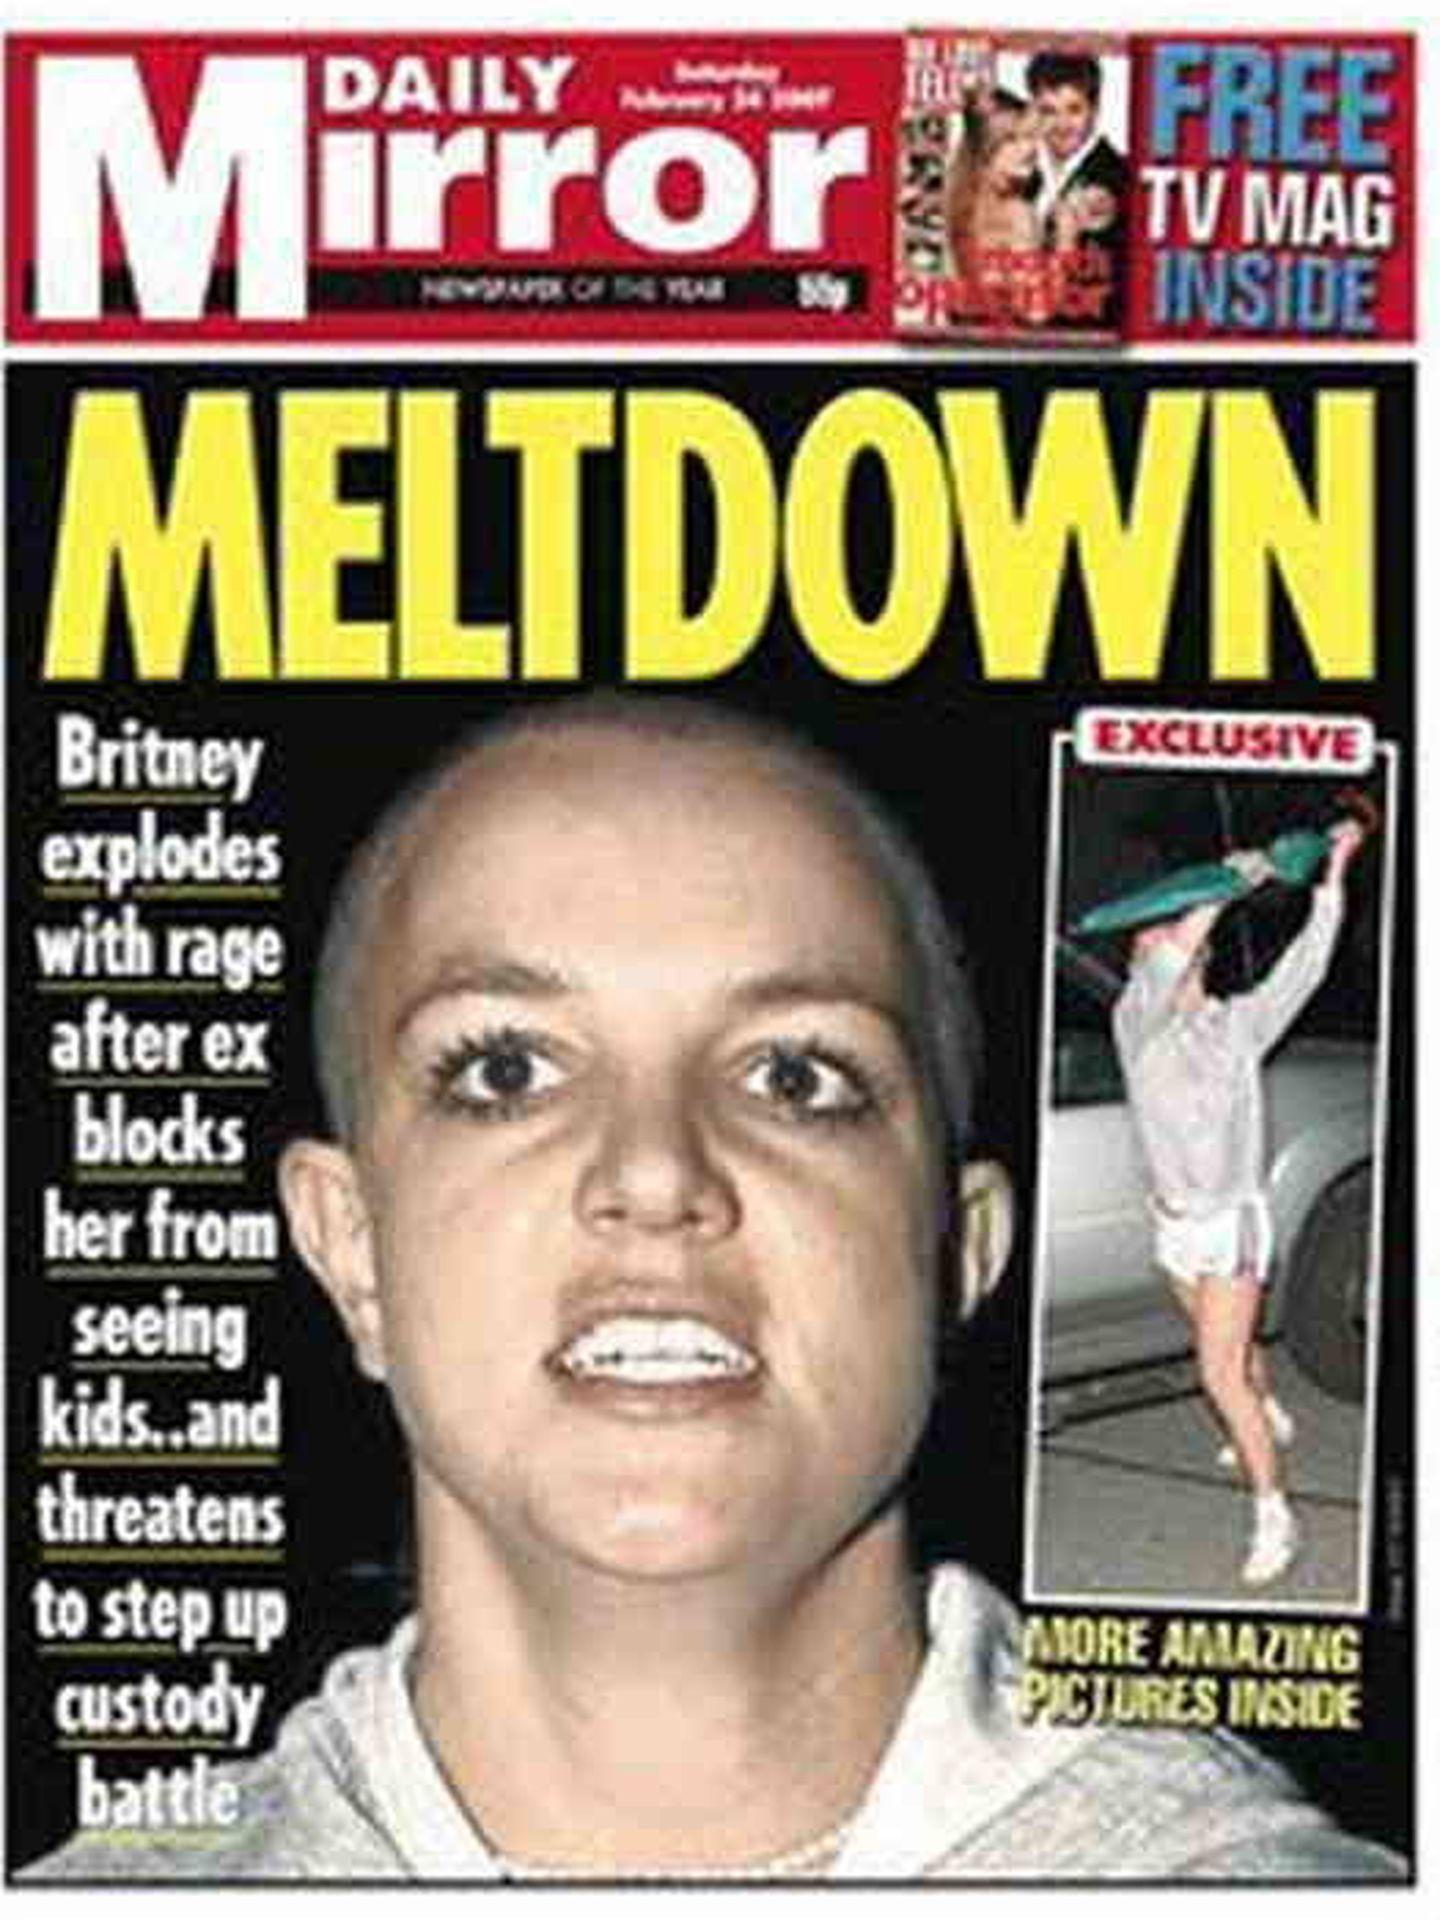 Britney Spears con el cabello rapado en a portada del Daily Mirror en 2007. (Daily Mirror)